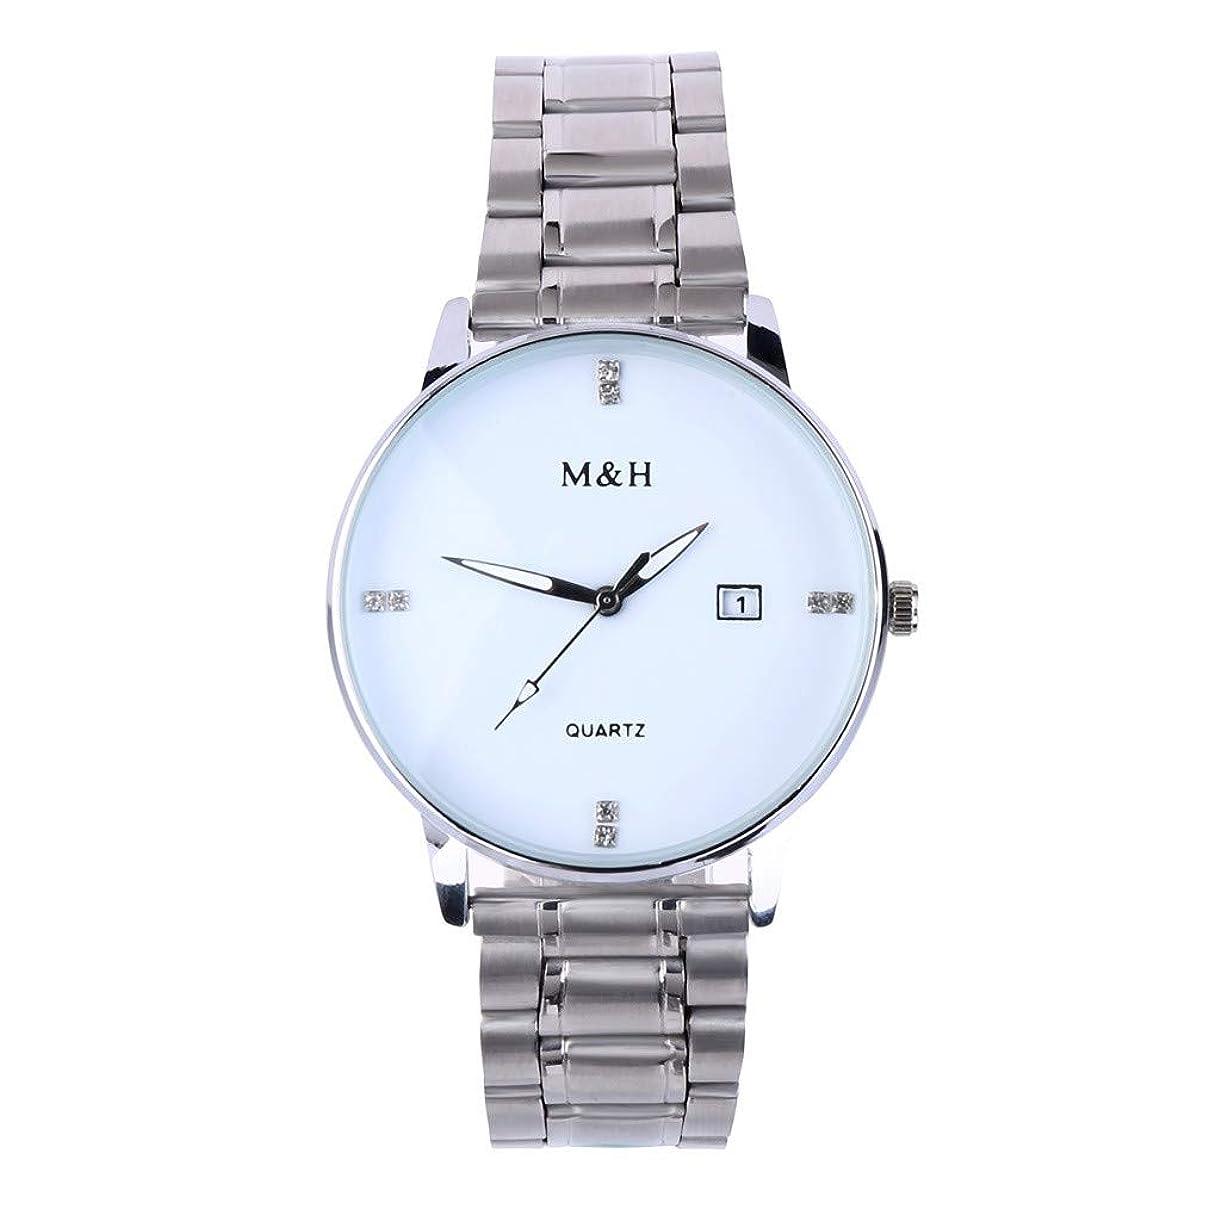 火アリマチュピチュWaminger[ワミナー] 父の日 人気 高級 メンズ 腕時計プレゼント 多機能 水晶 簡単 カレンダー ラインストーン ダイヤル ステンレス鋼軽量 耐衝撃 かっこいい ボーイズ 男性用 時計 (シルバー)